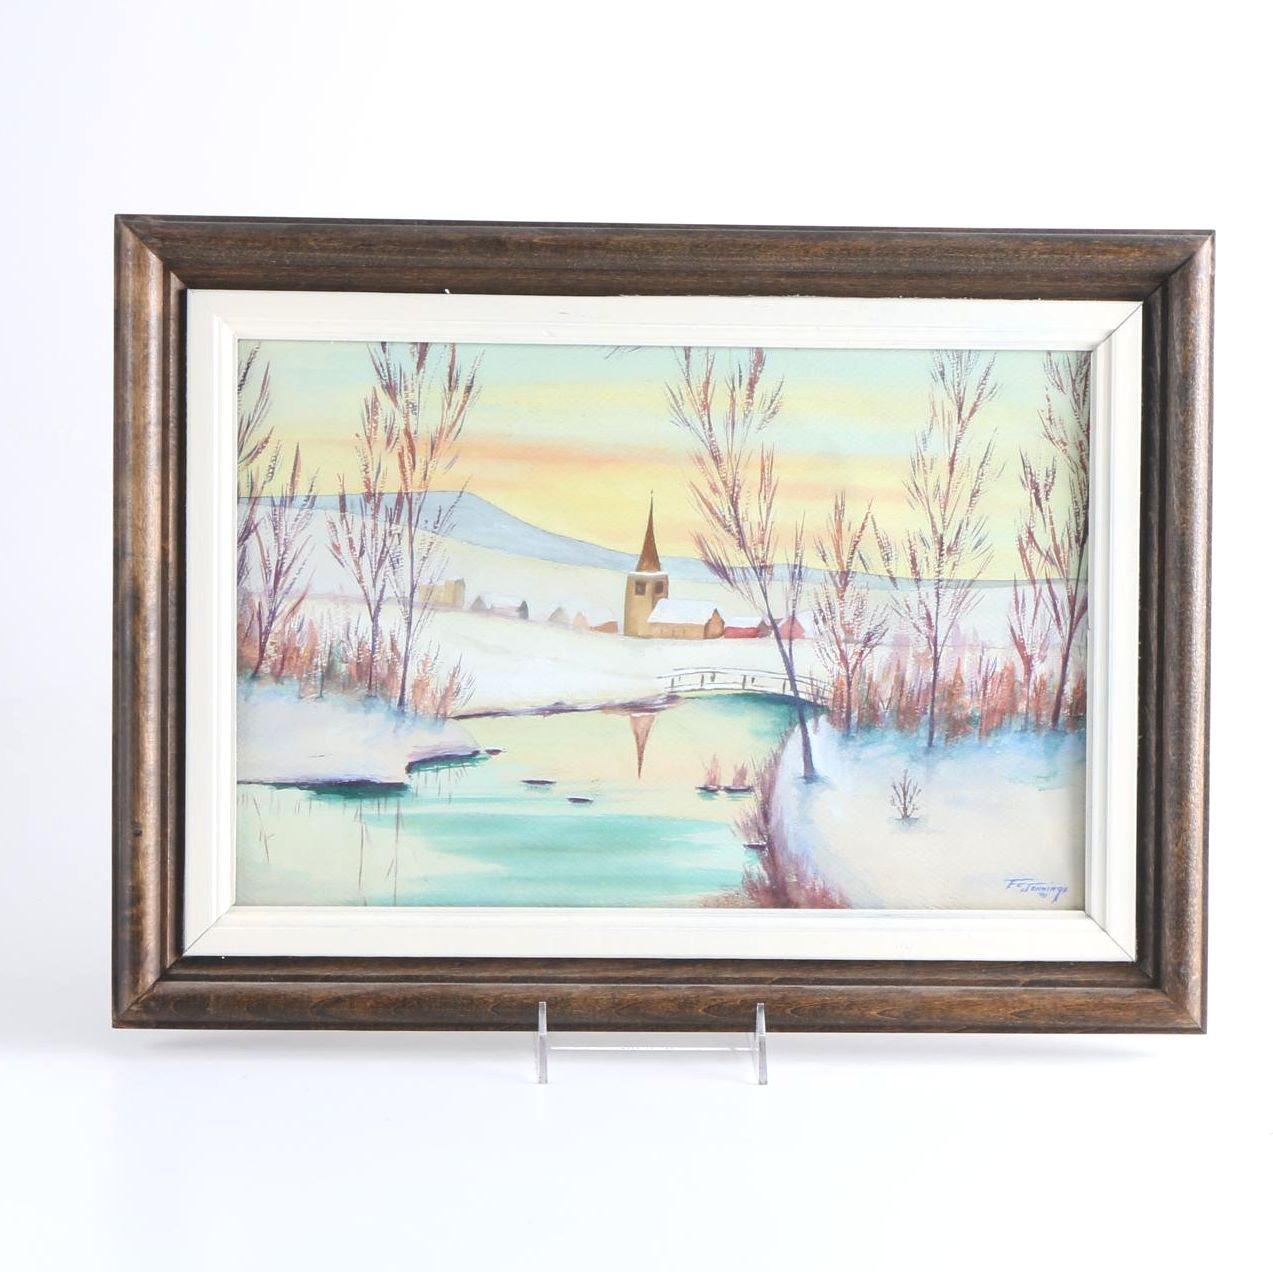 F. E. Jennings Watercolor on Paper of a Winter Scene